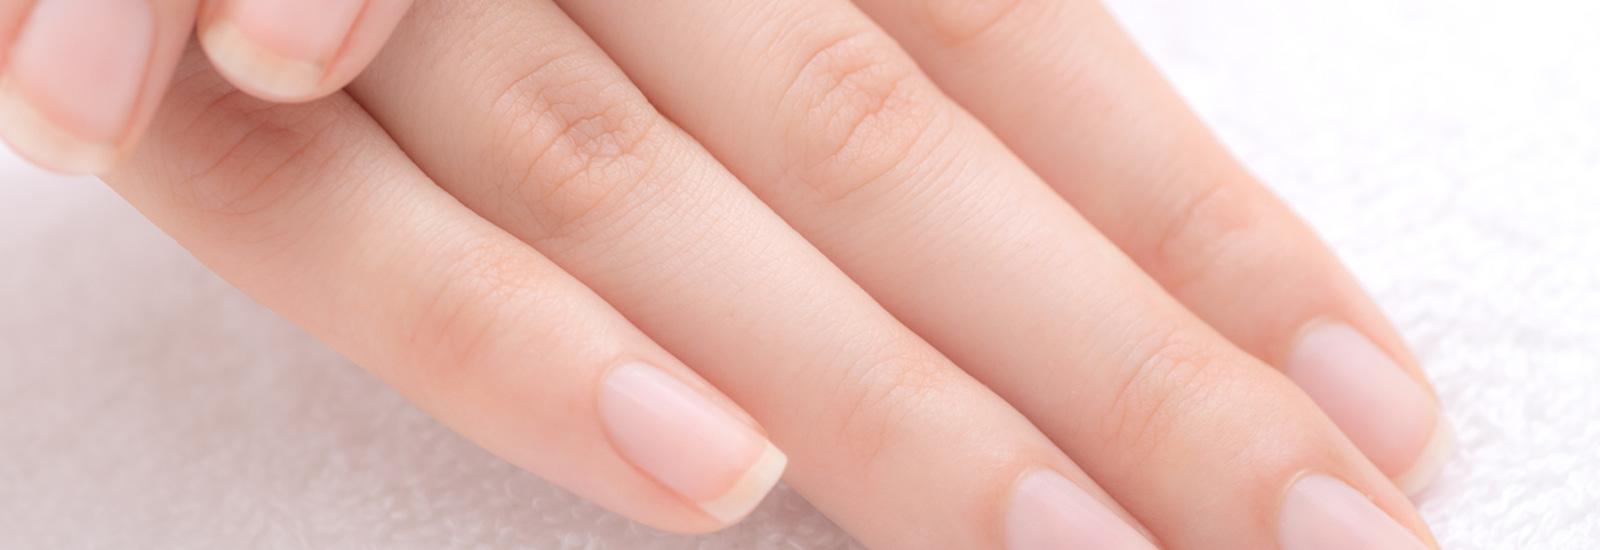 mooie gezonde nagels